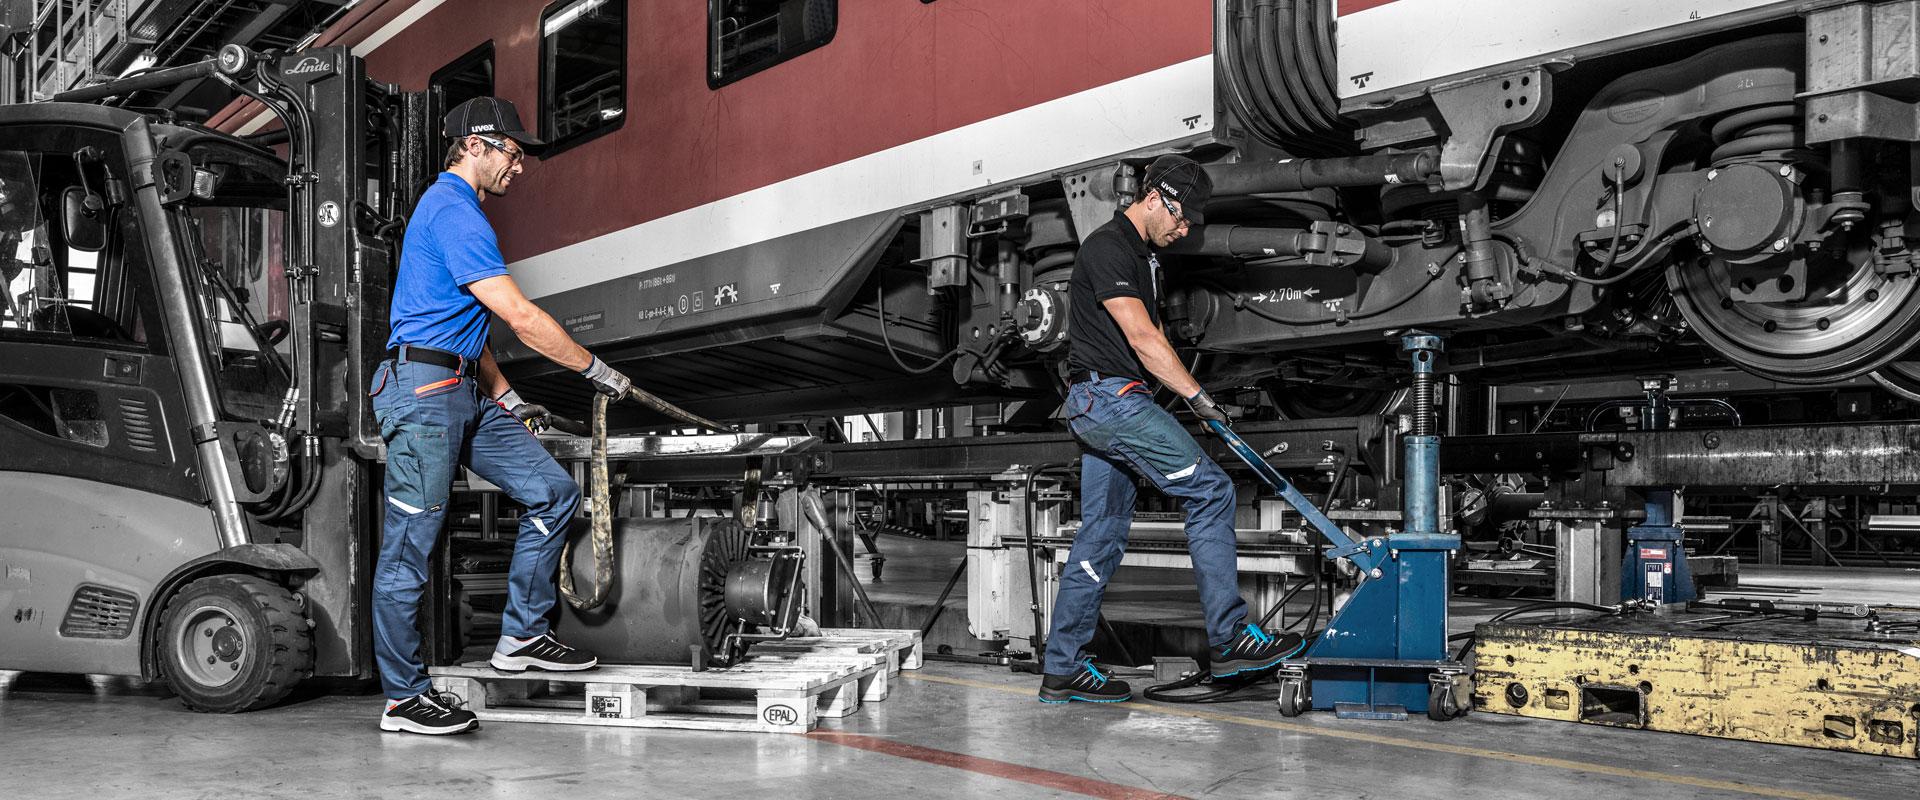 mężczyźni wykonują prace mechainiczne przy wagonie kolejowym